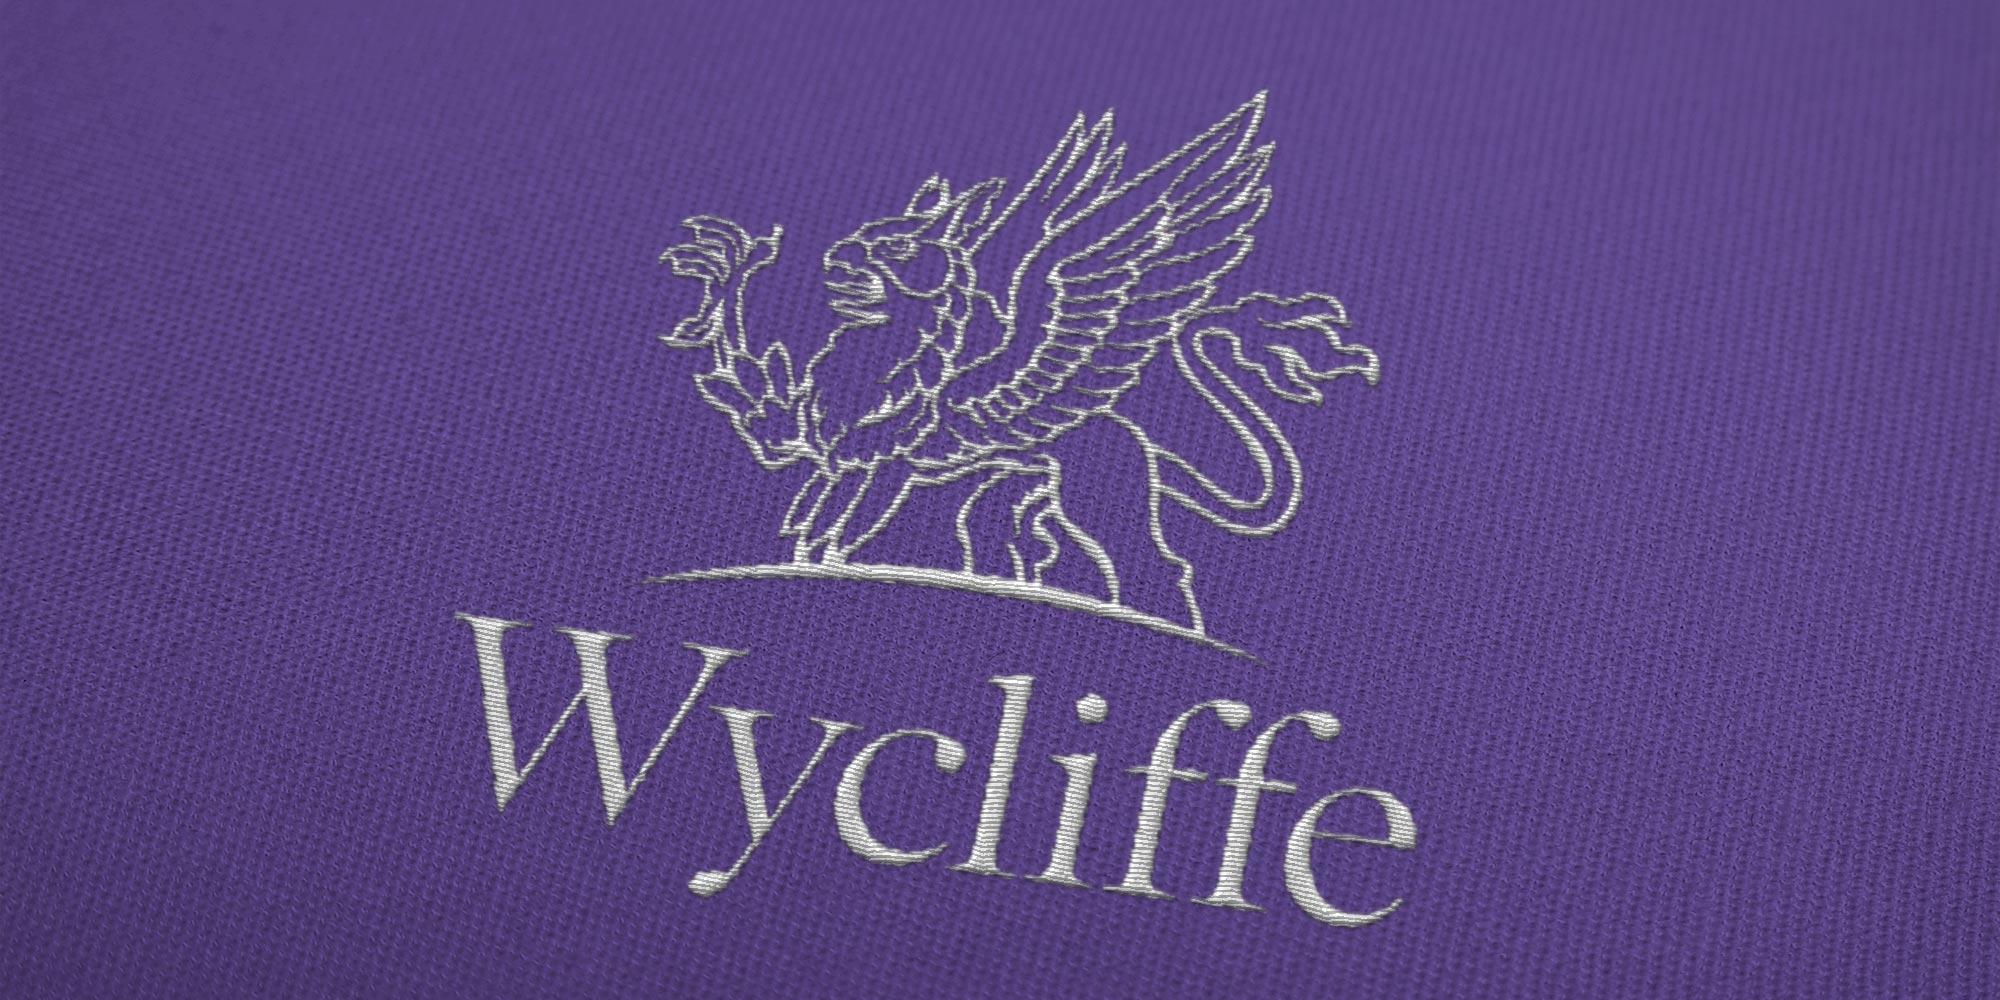 Wycliffe College Wordpress Website Design